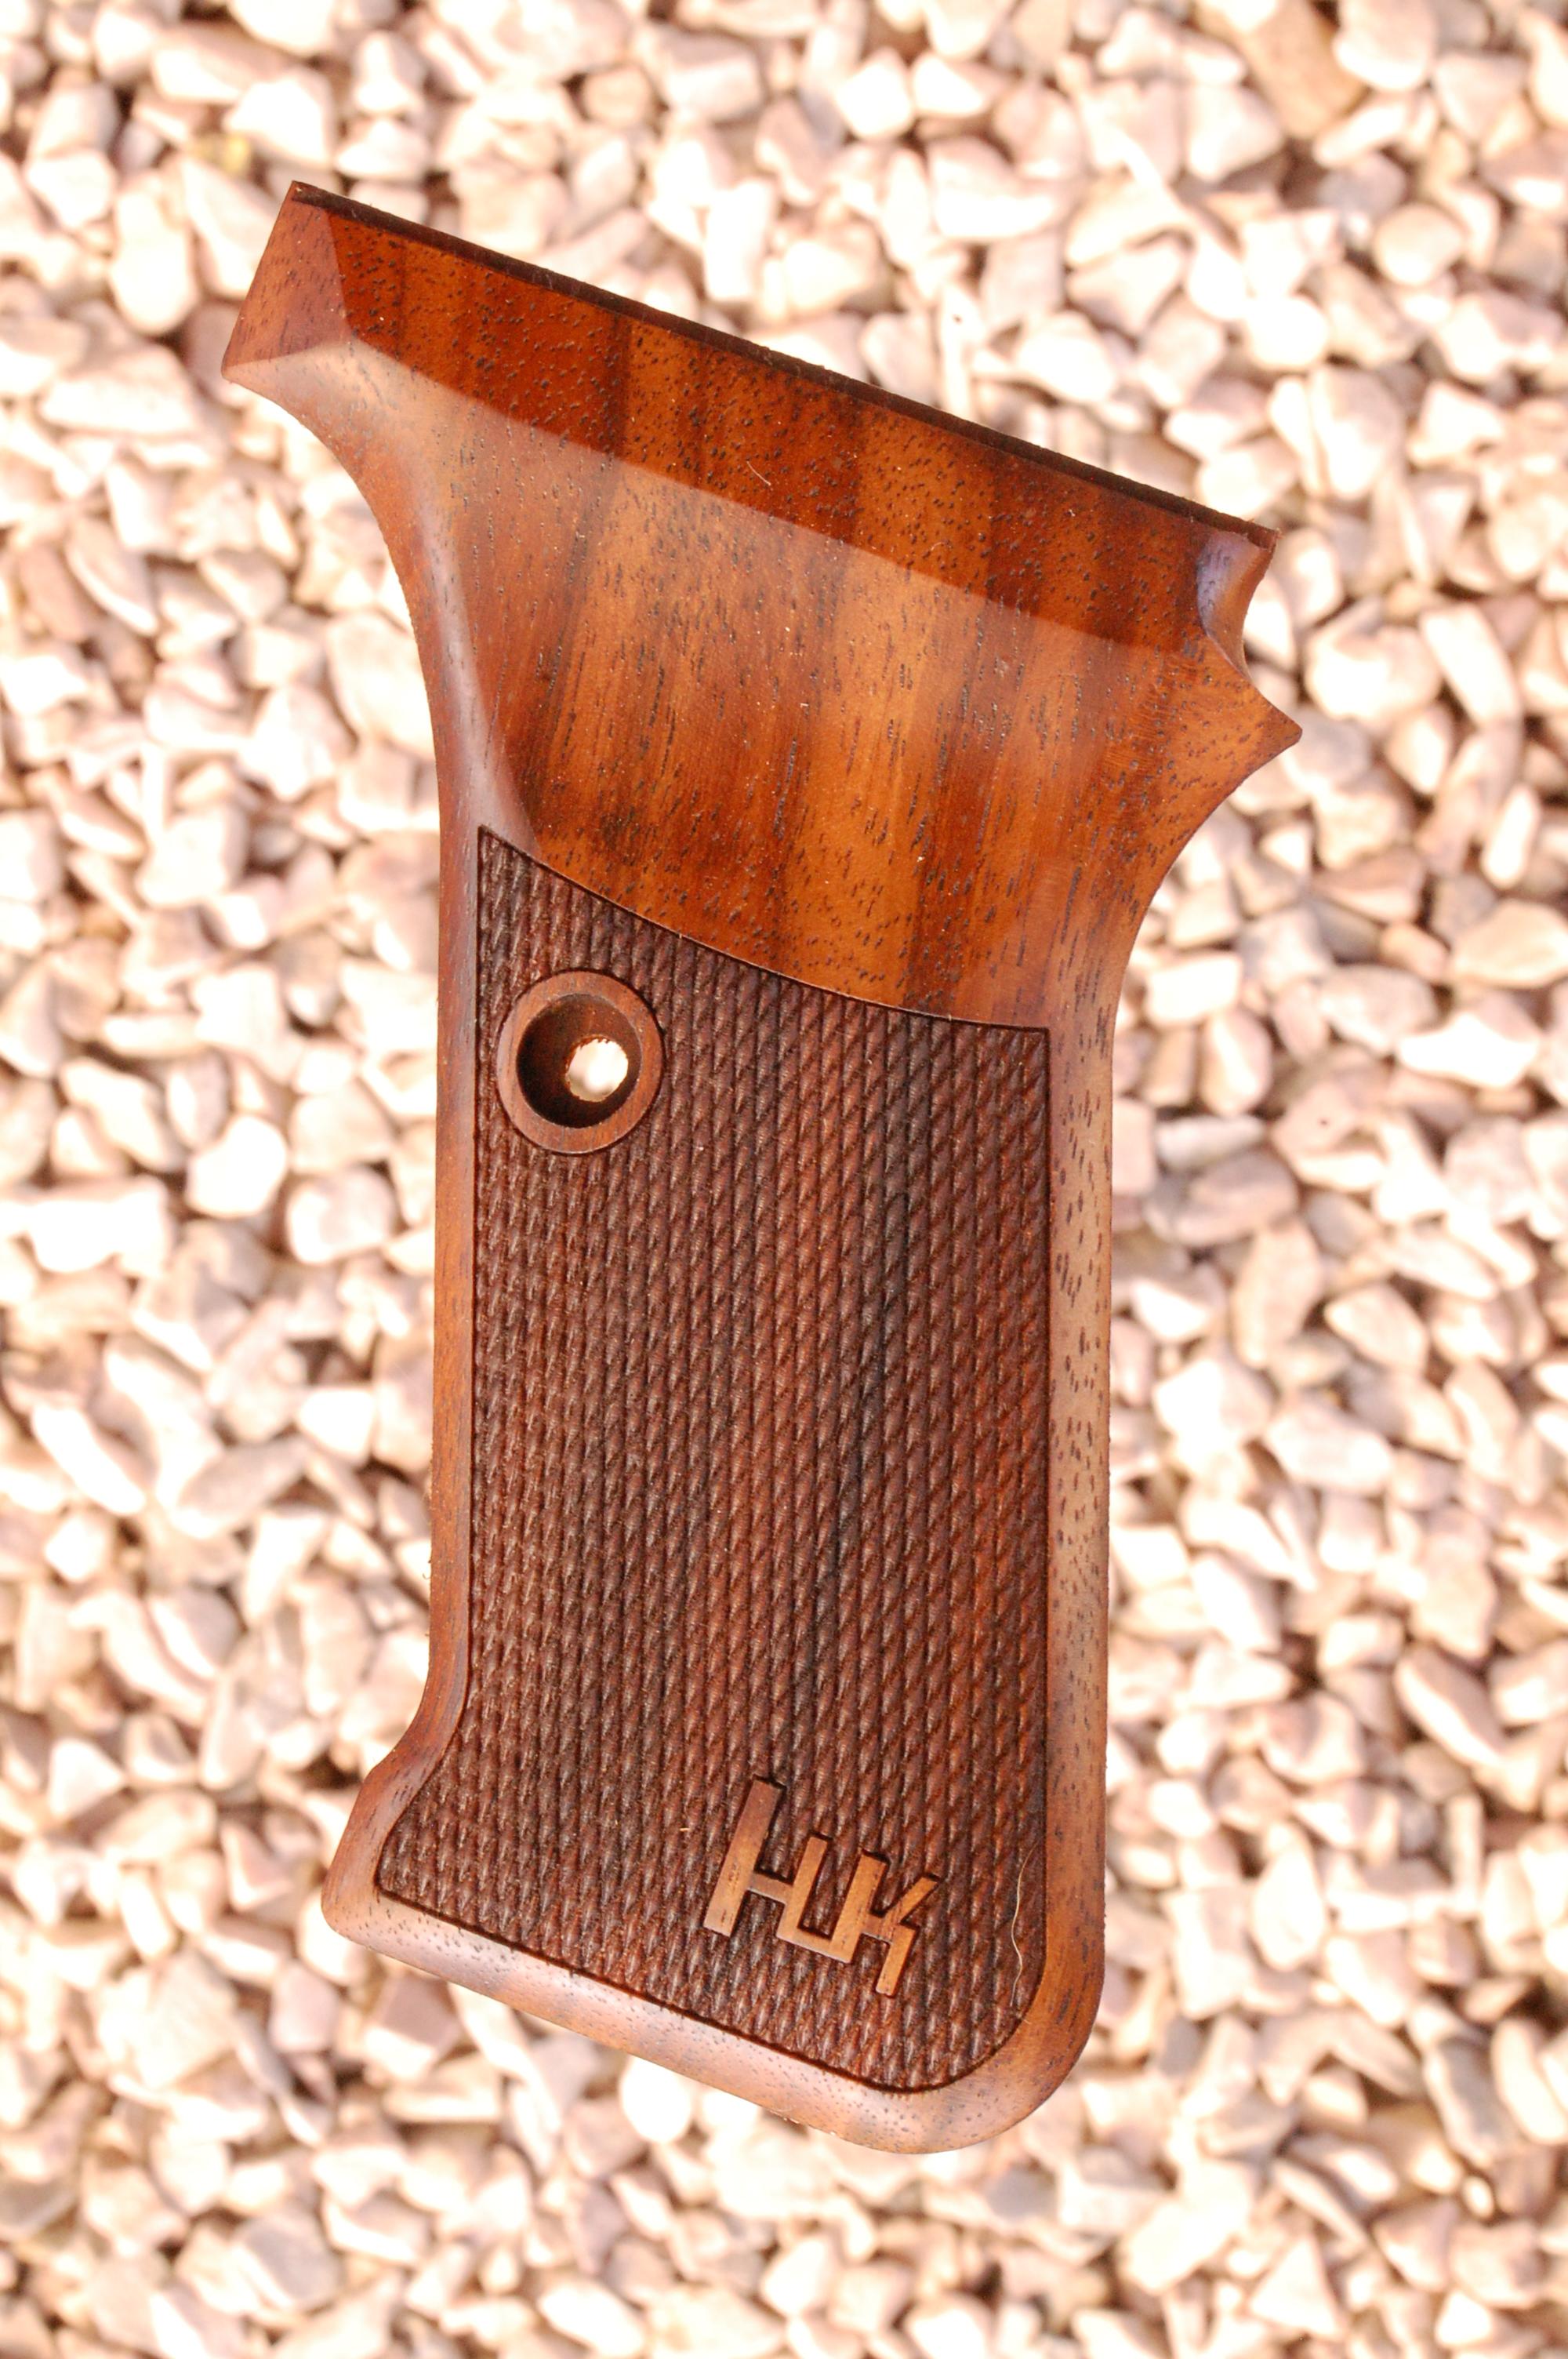 HK P7 GRIPS w/ flush mag.rel (checkered+logo) - full size